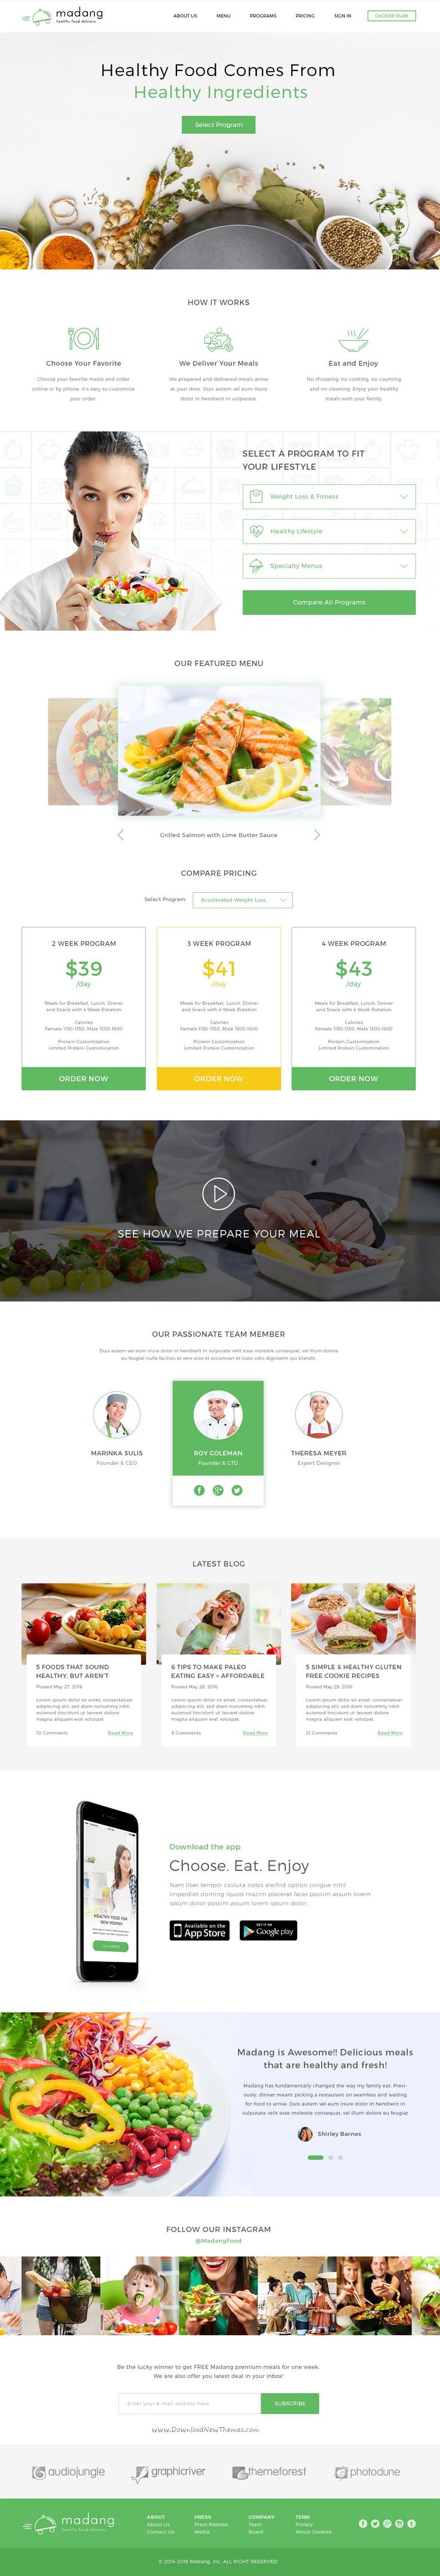 Madang - Healthy Food Delivery PSD Template | Plantilla de sitio ...